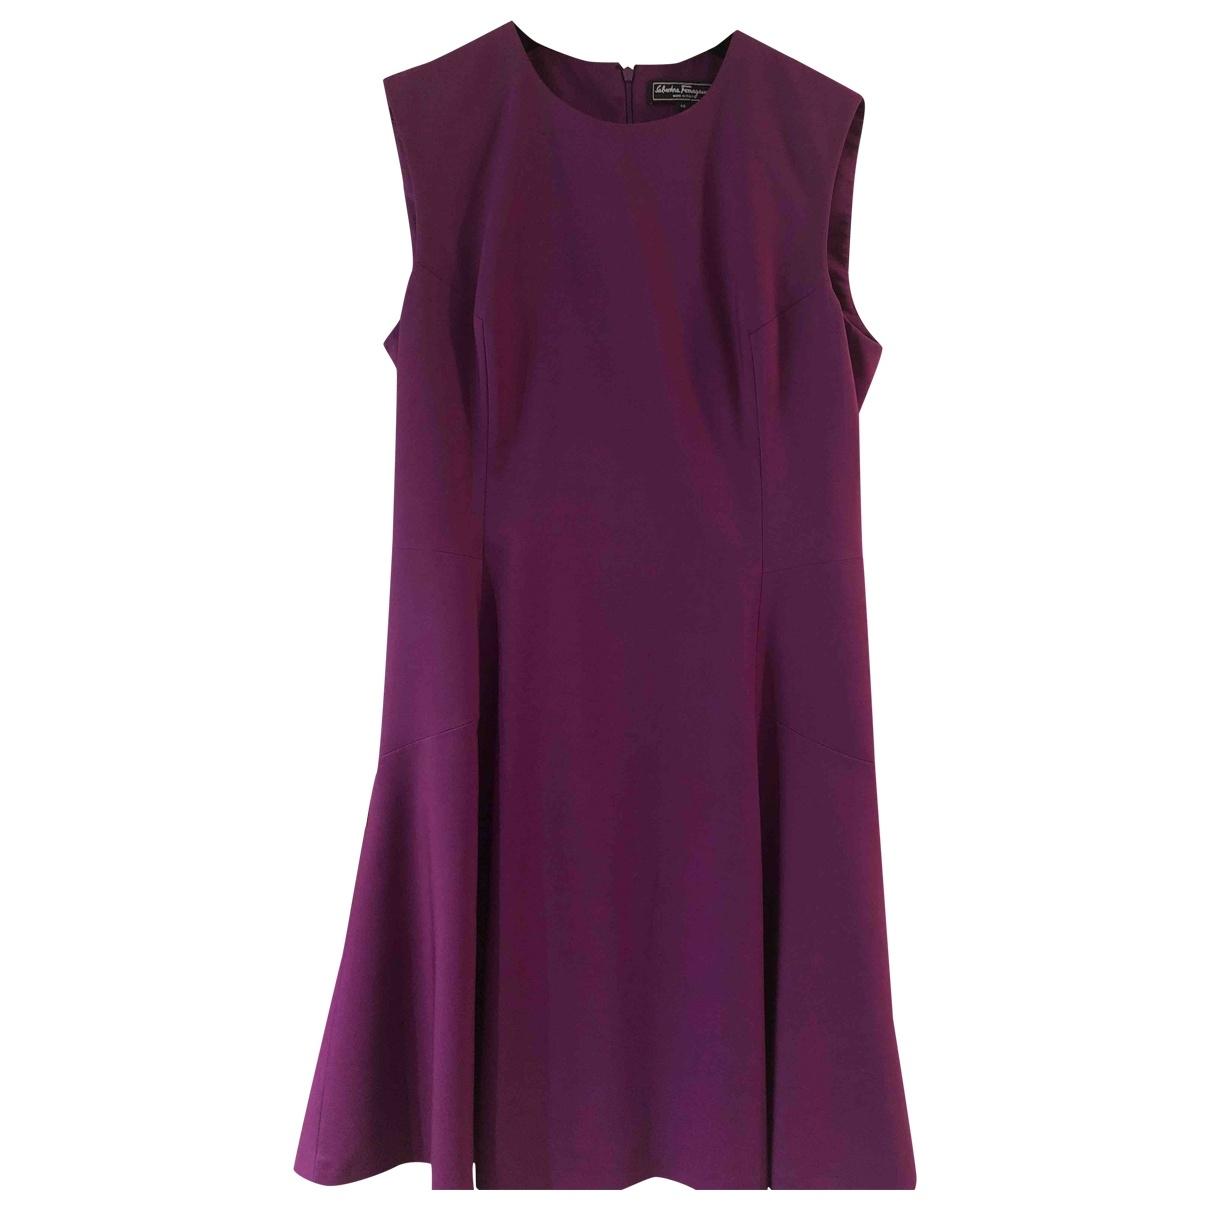 Salvatore Ferragamo \N Purple Wool dress for Women 46 IT